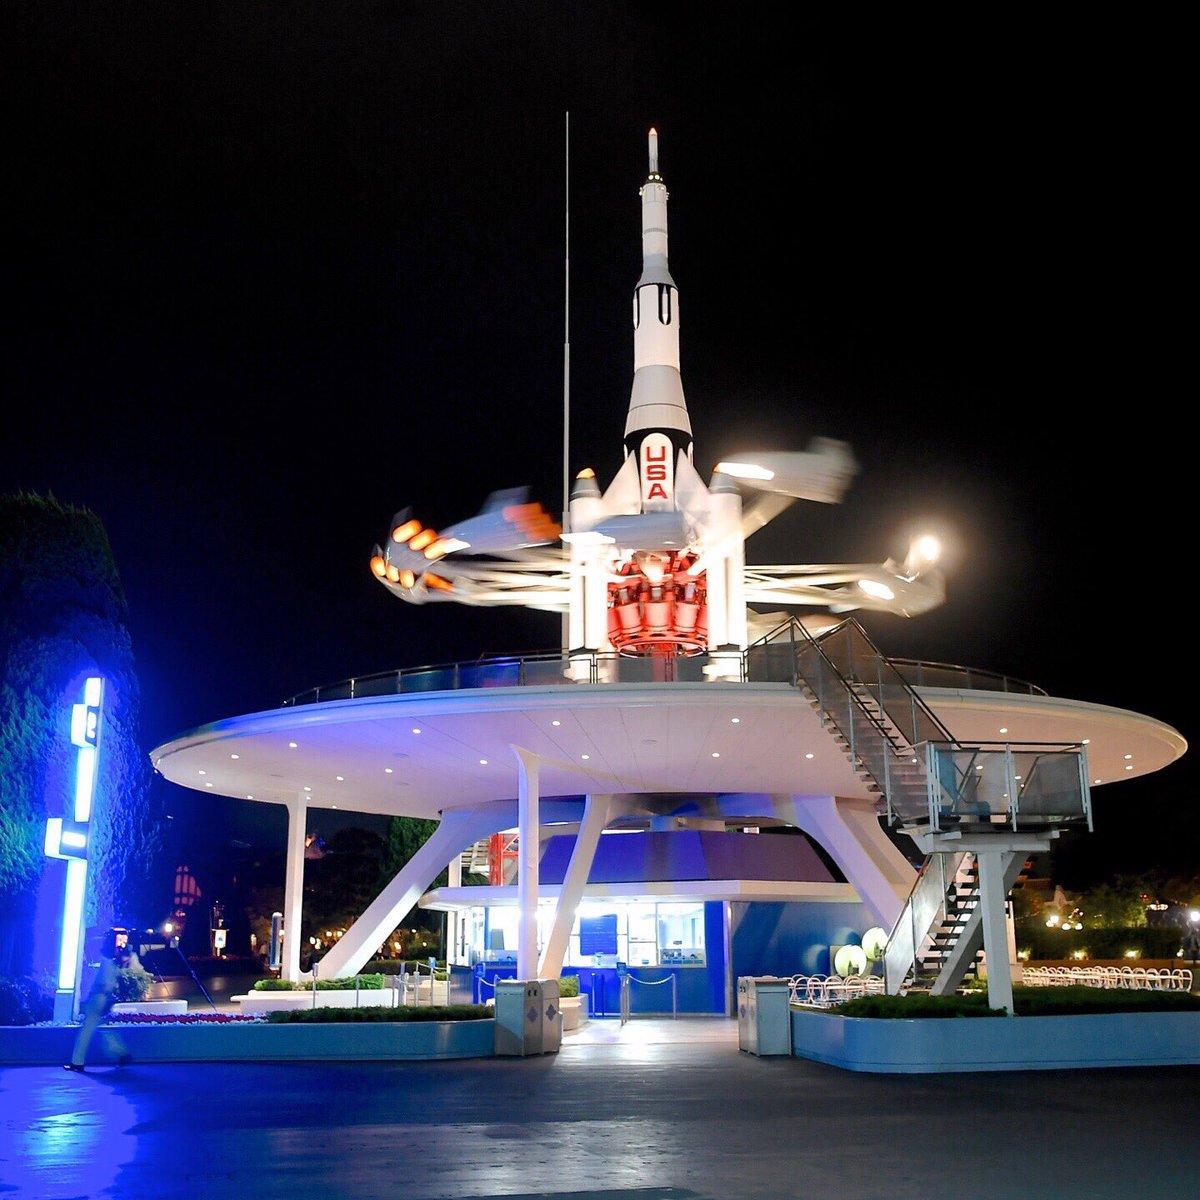 東京ディズニーランド「スタージェット」は明日10月10日でクローズ約34年間のフライトを終了しますdlove.jp/mezzomiki/ pic.twitter.com/7SHCScLaLZ